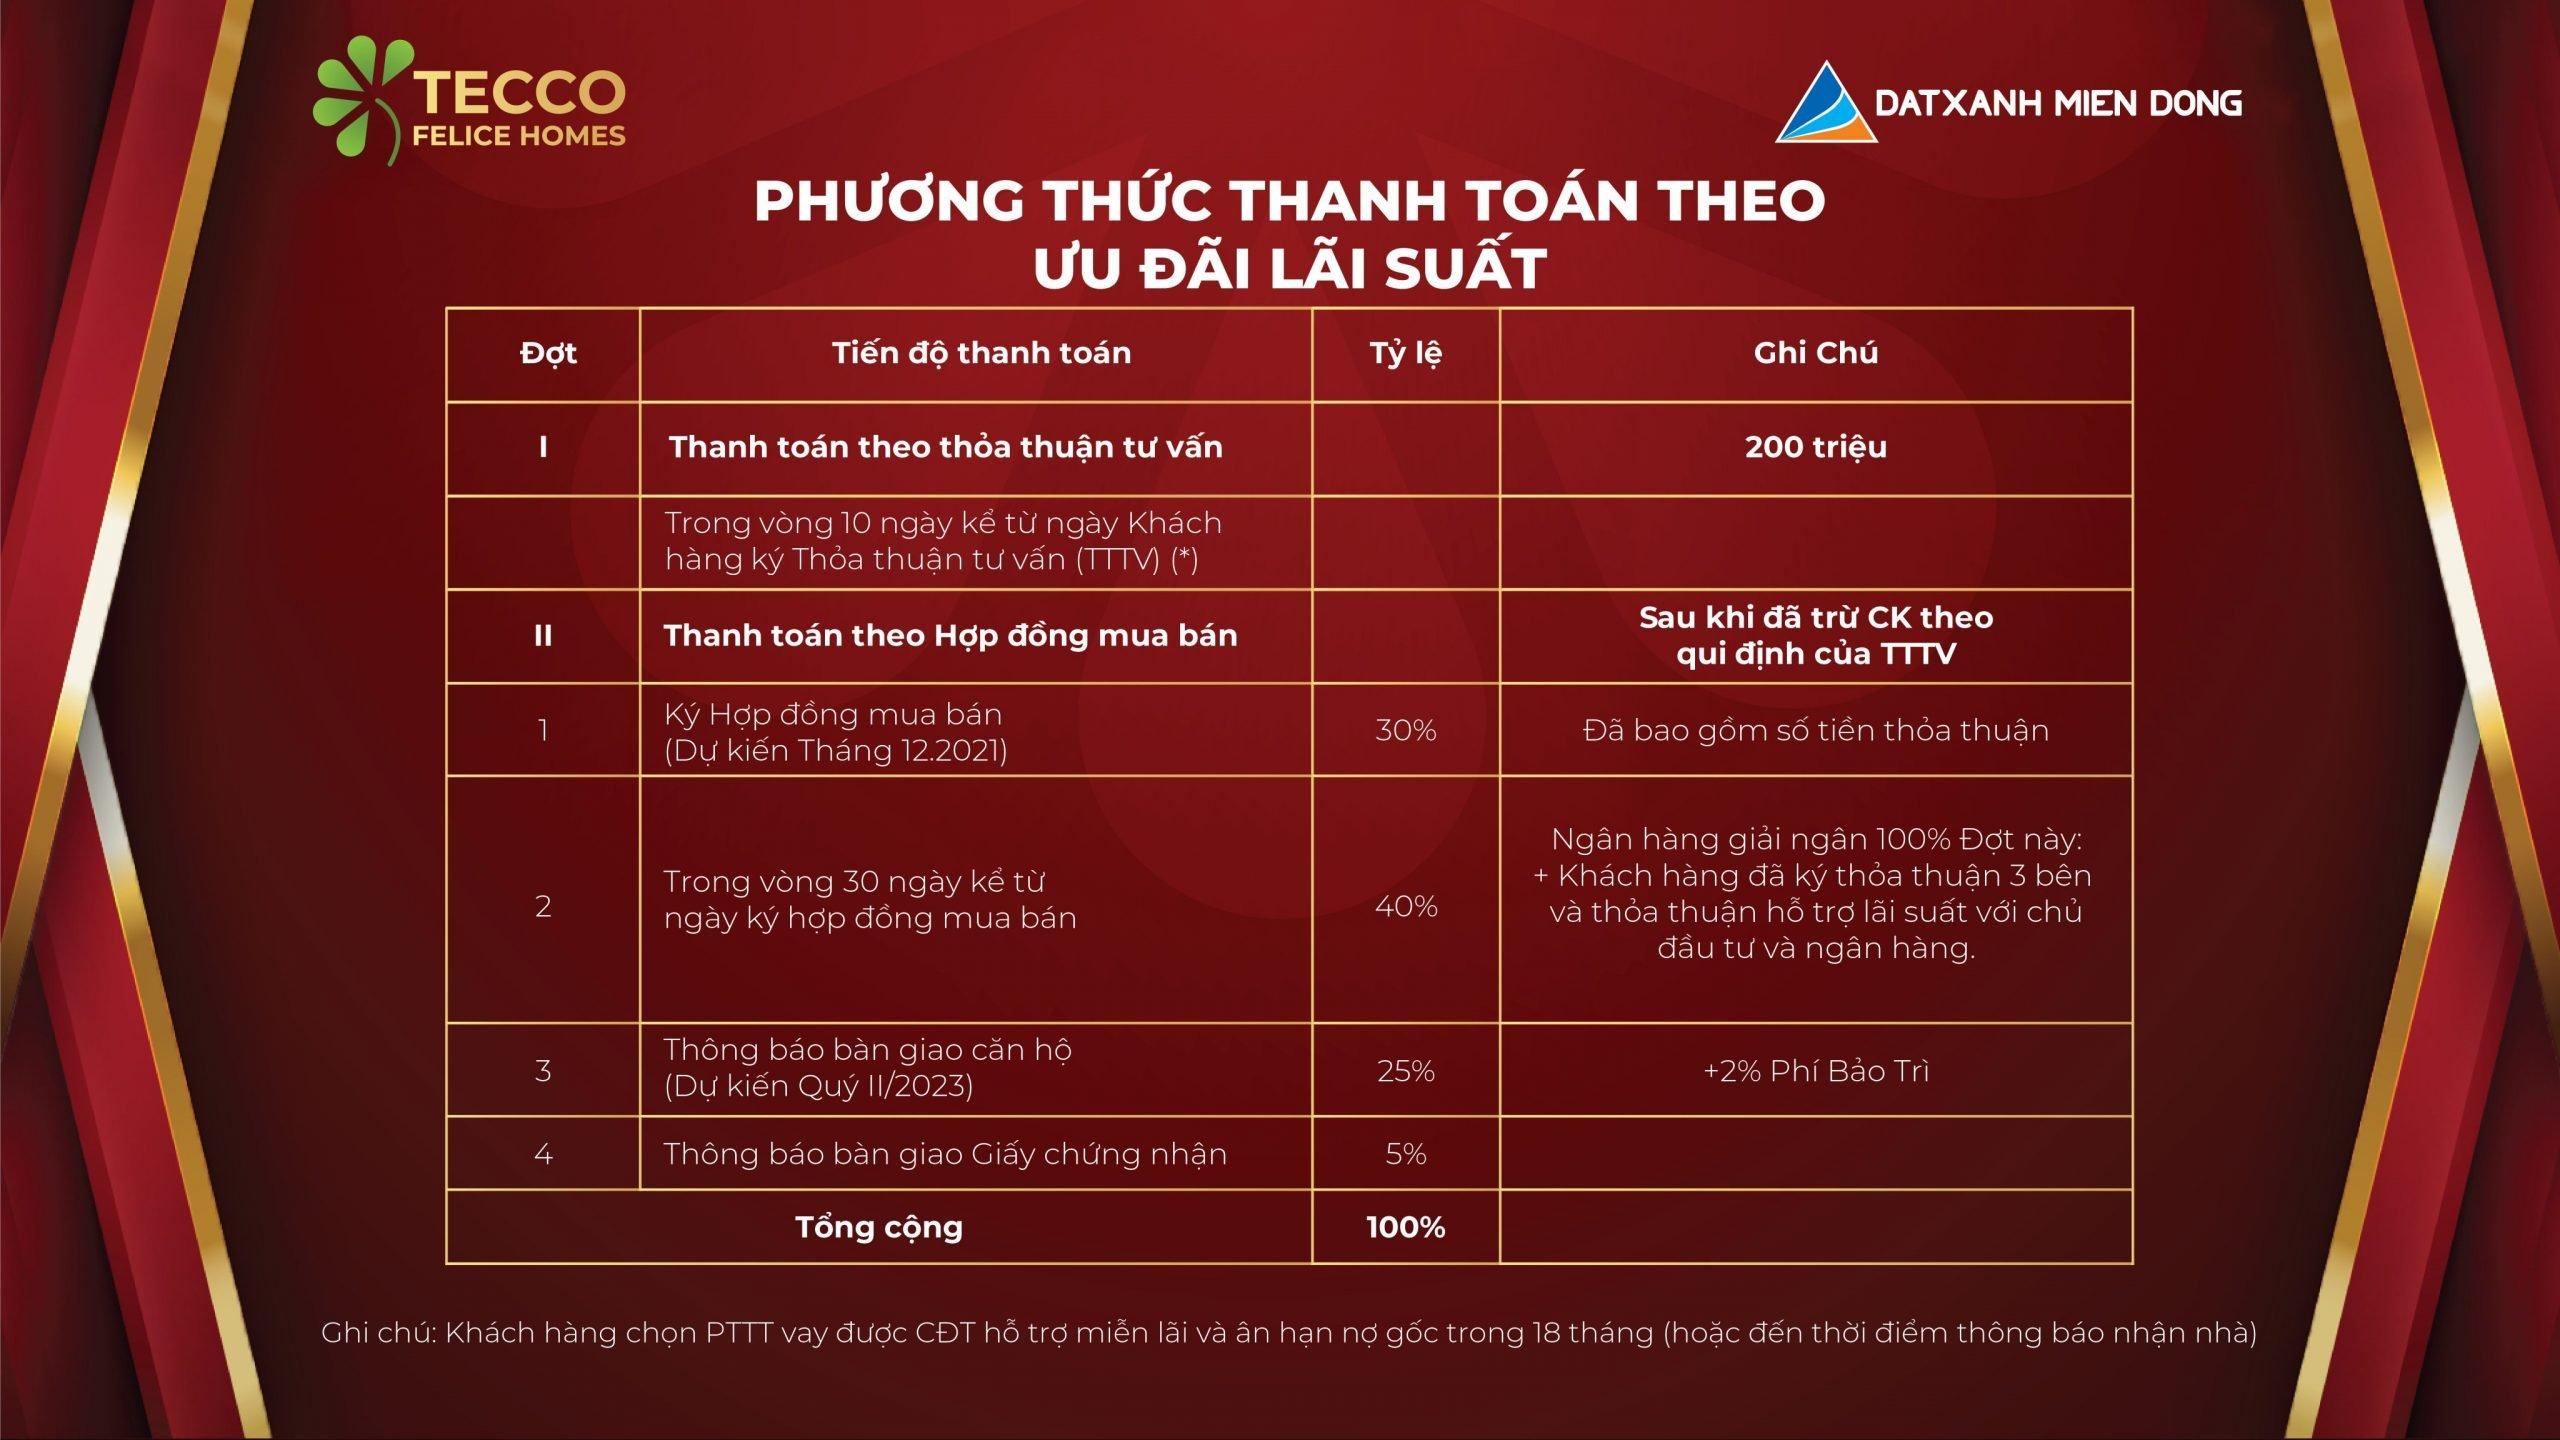 Dự án căn hộ Tecco Felice Homes Lê Thị Trung, Thuận An, Bình Dương